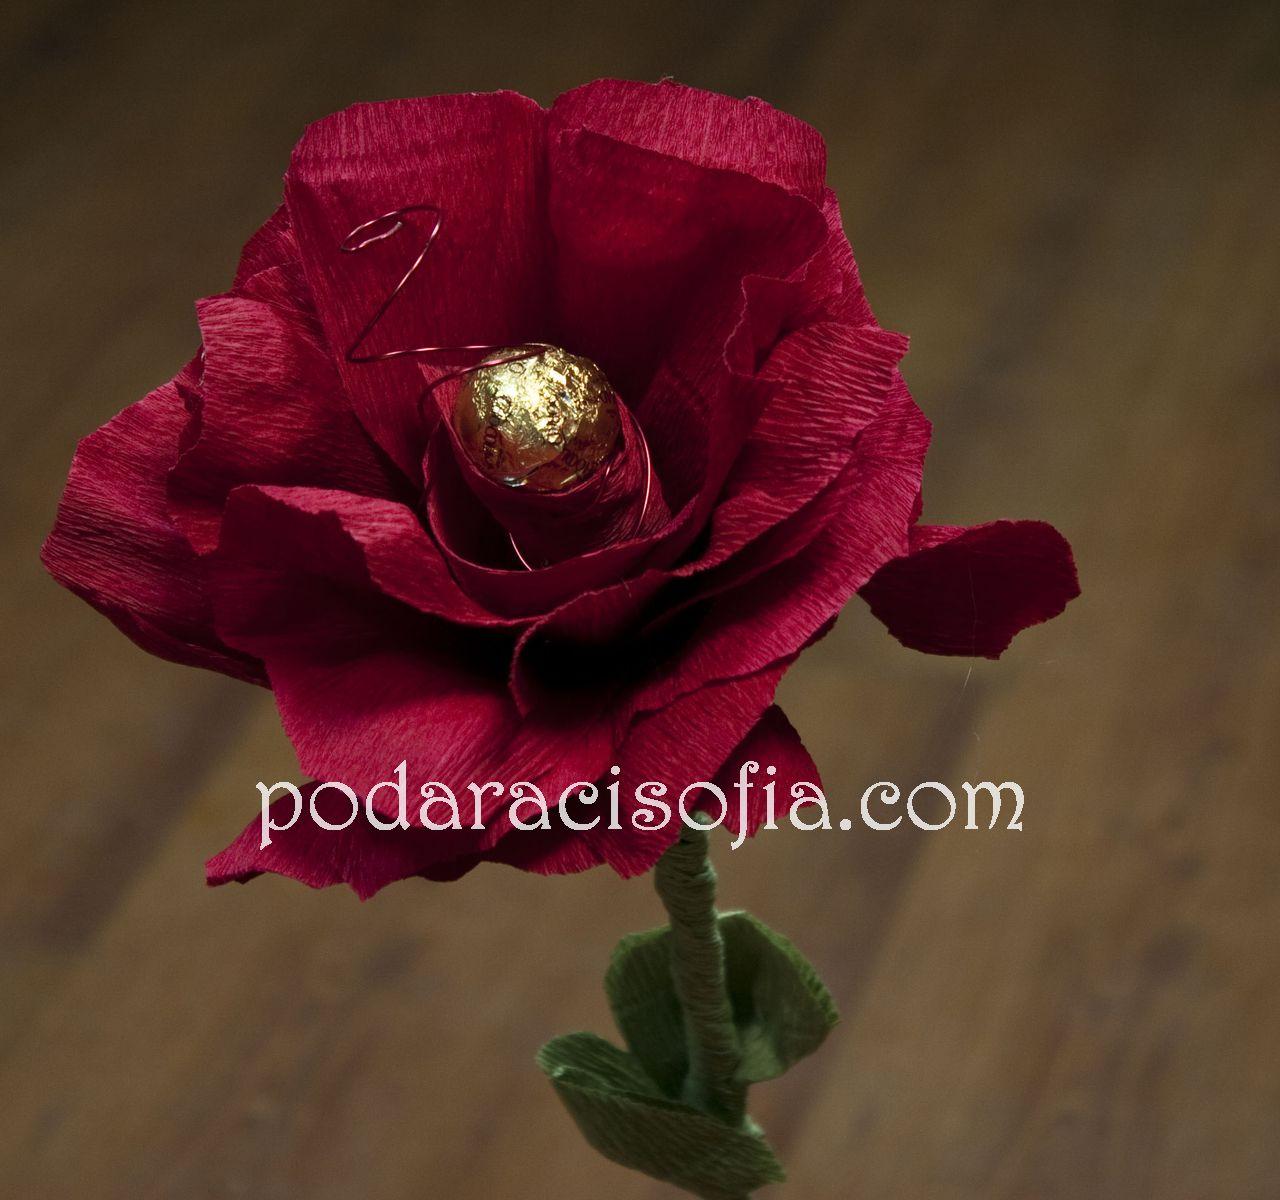 Цвете, направено от хартия с шоколадов бонбон в тичинката в средата. Прекрасна романтична изненада!